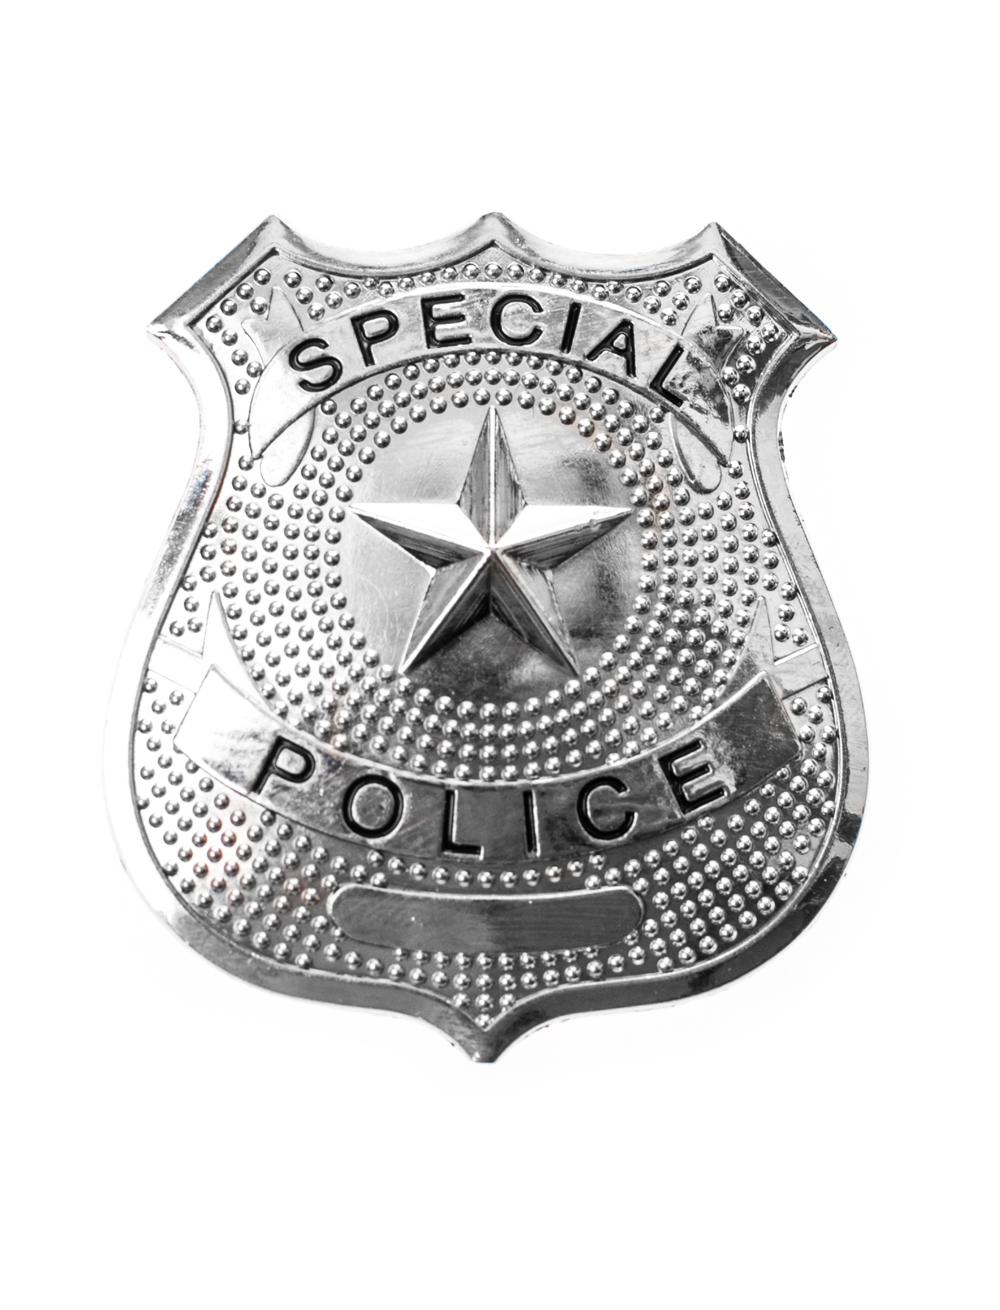 Kostuemzubehor Polizeimarke Special Police silber